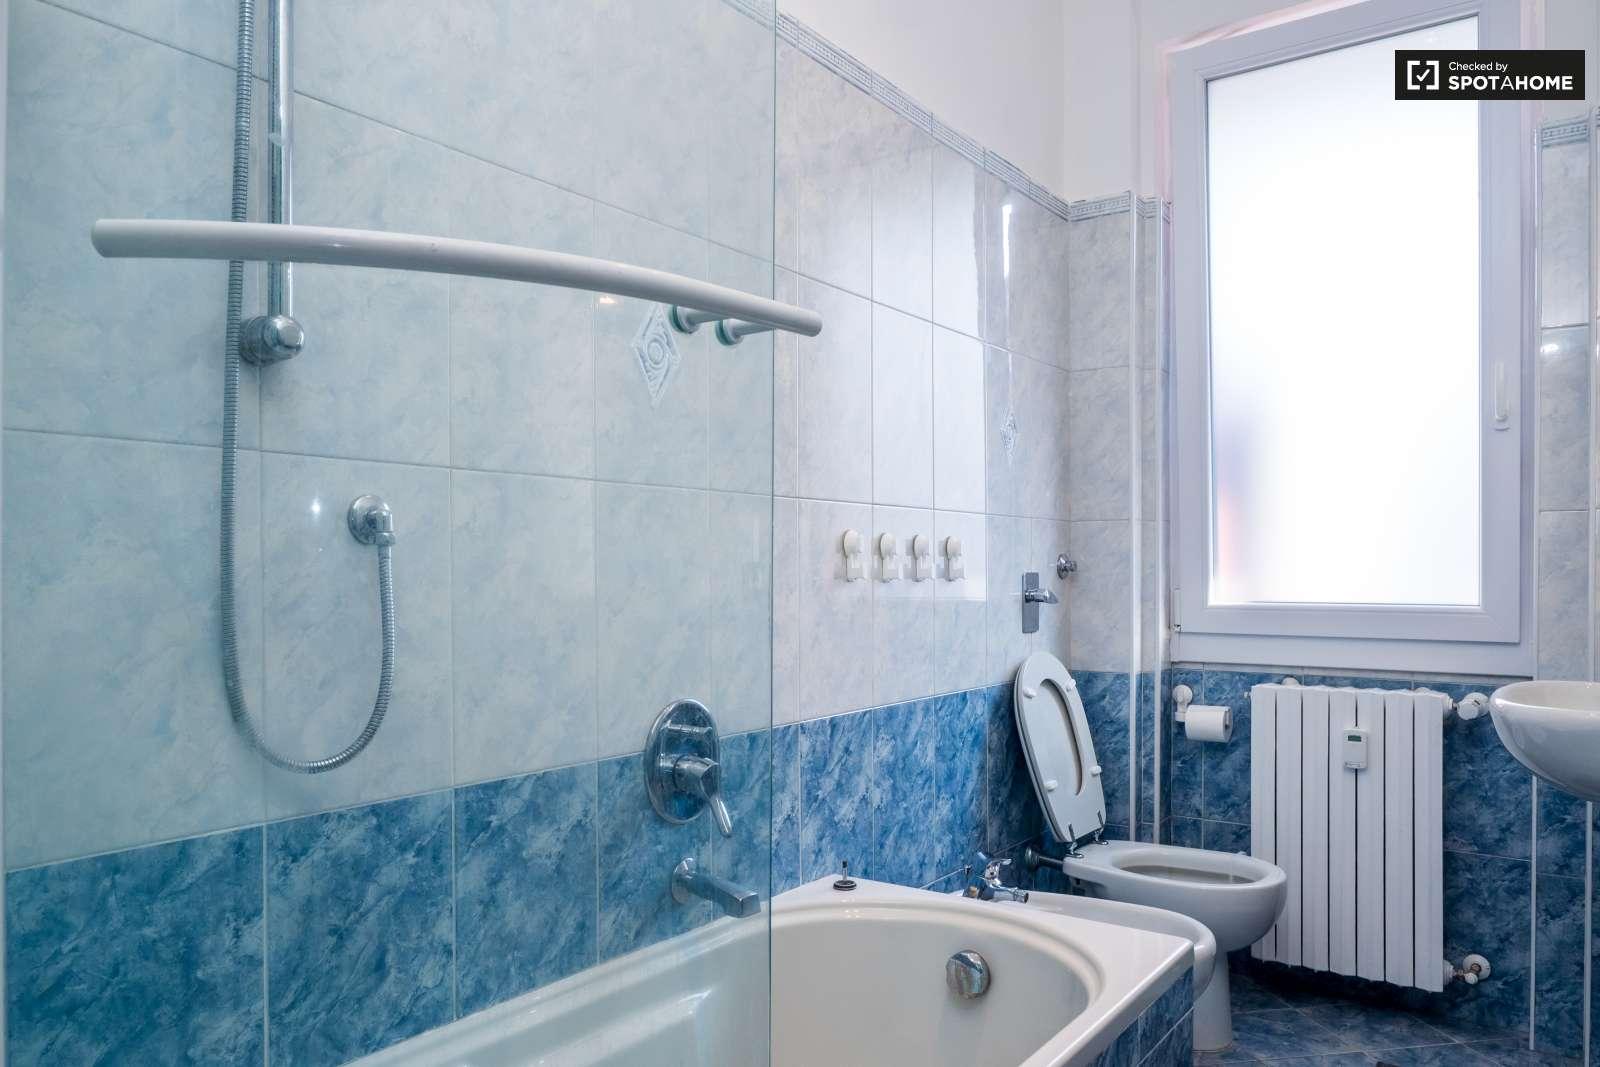 Camere in affitto in appartamento condiviso in vialba for 3 camere da letto 3 piani del bagno